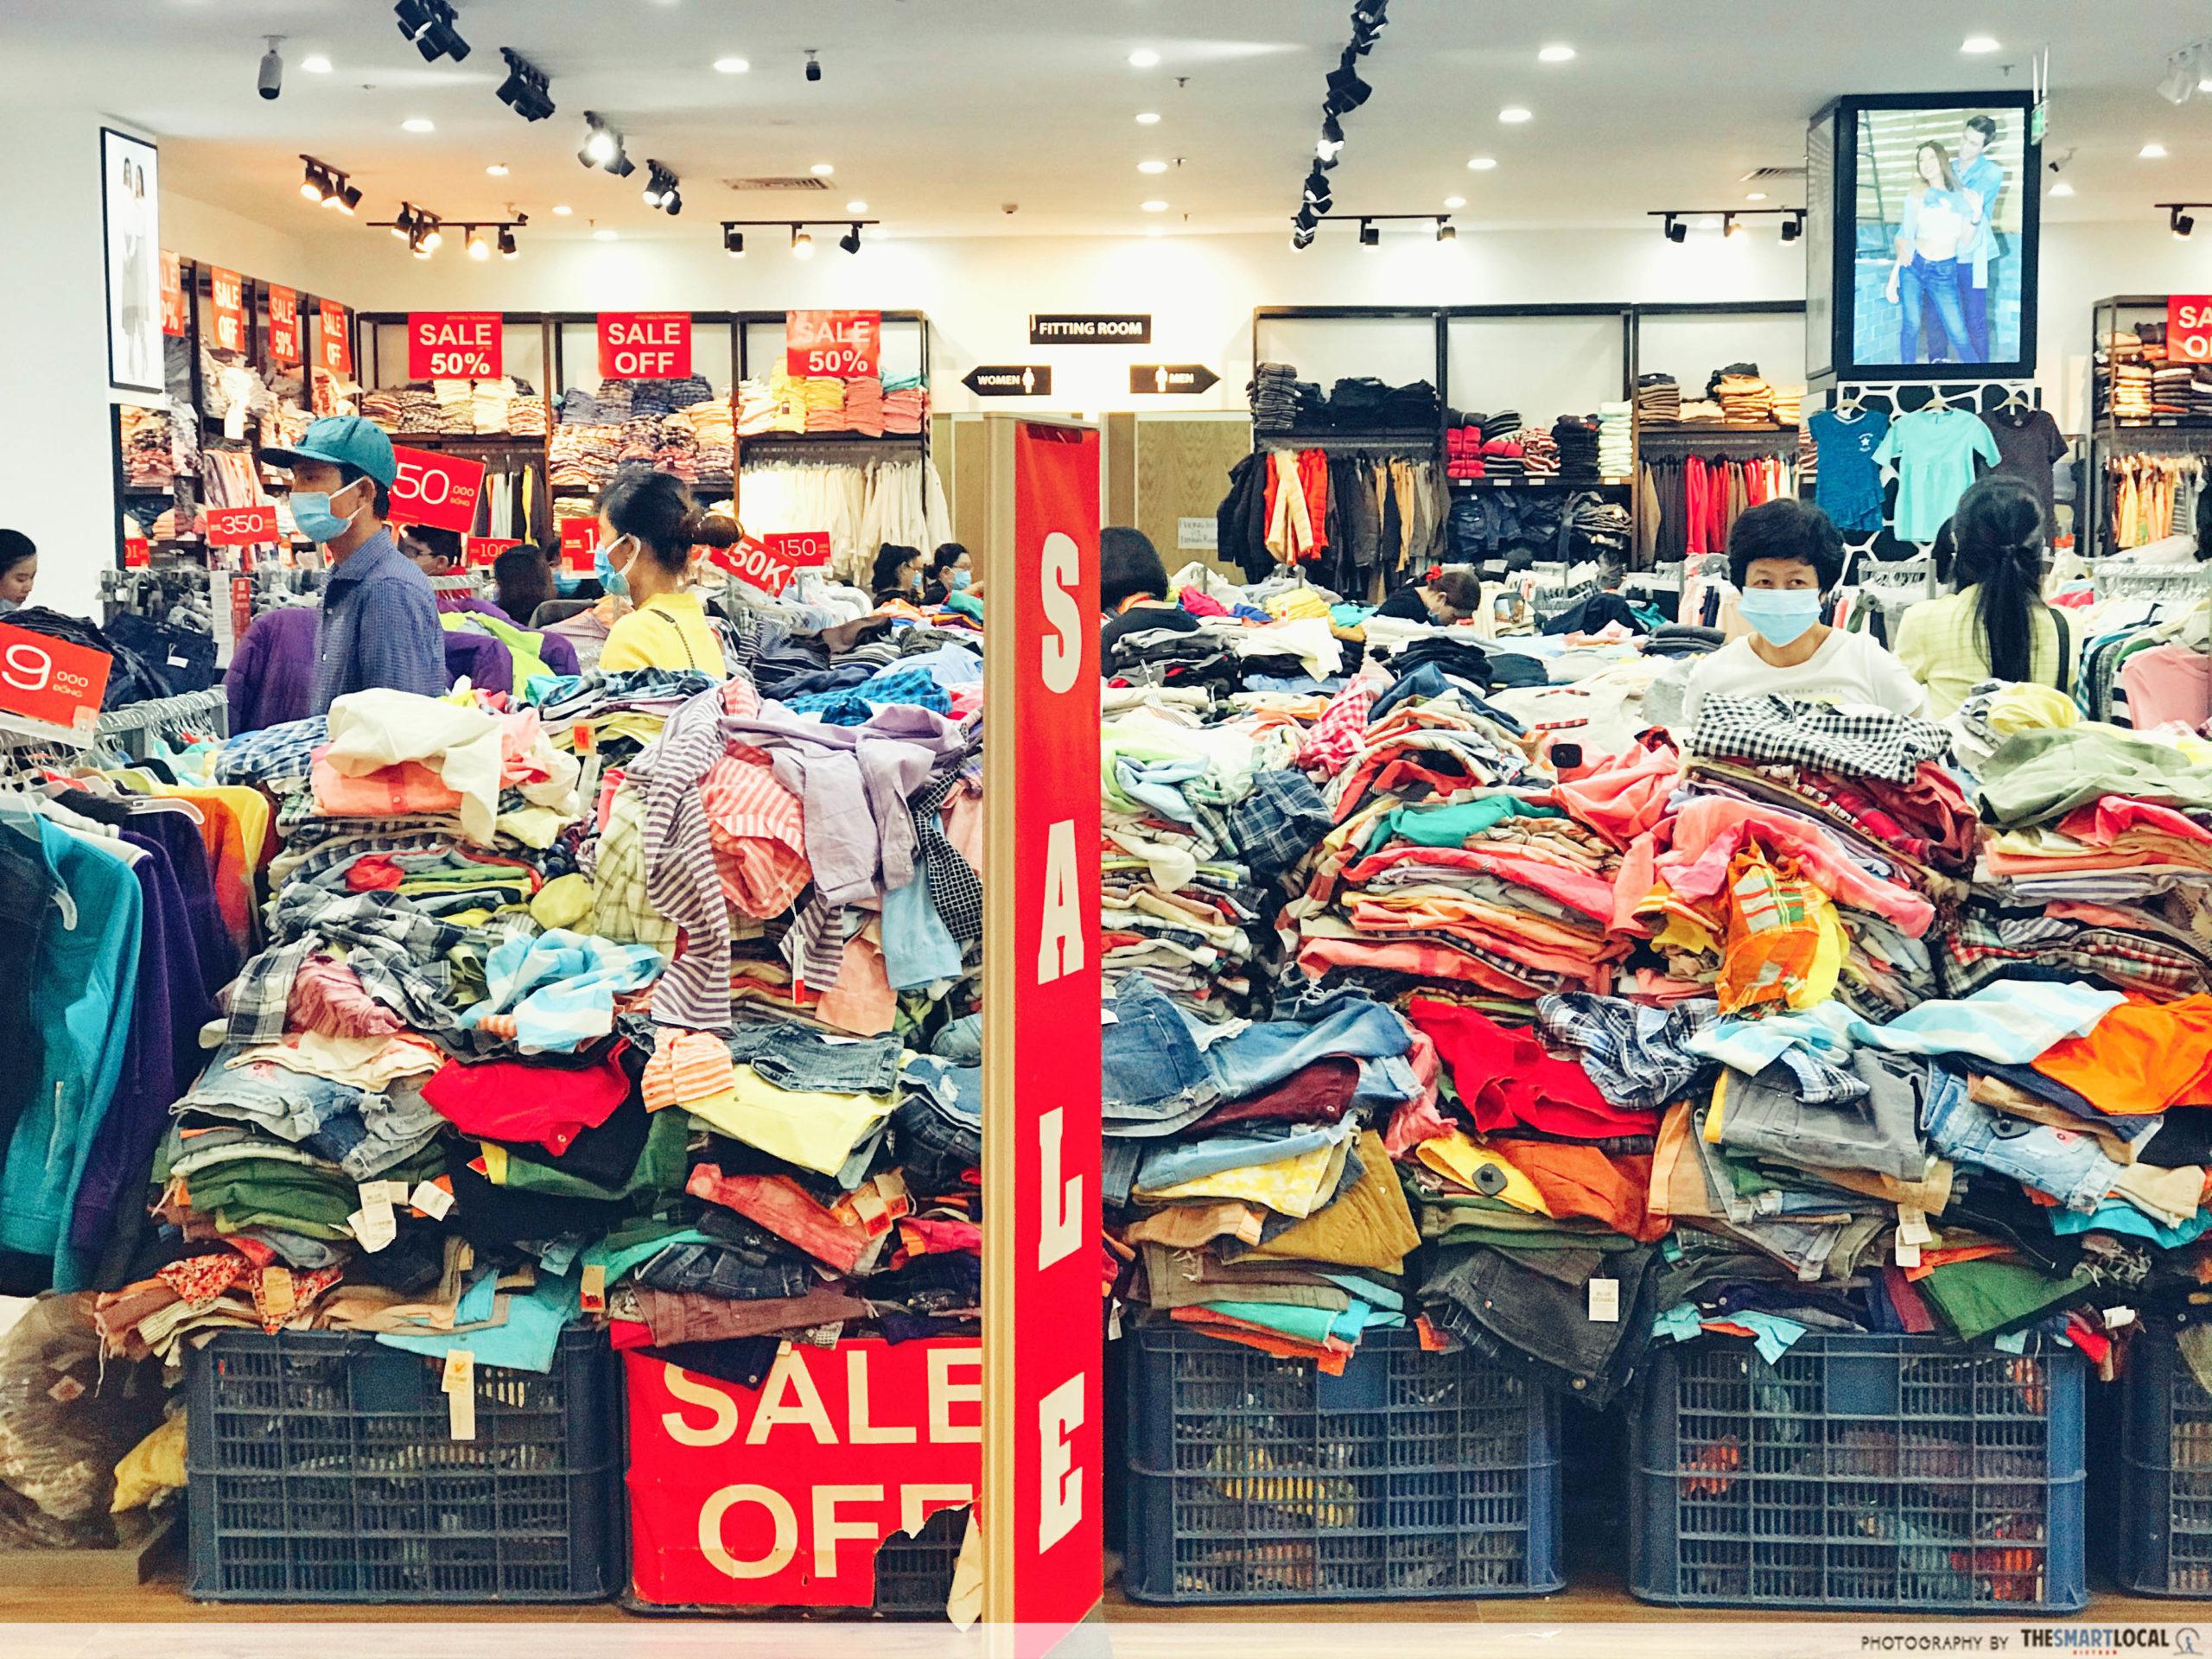 AEON MALL Clothes